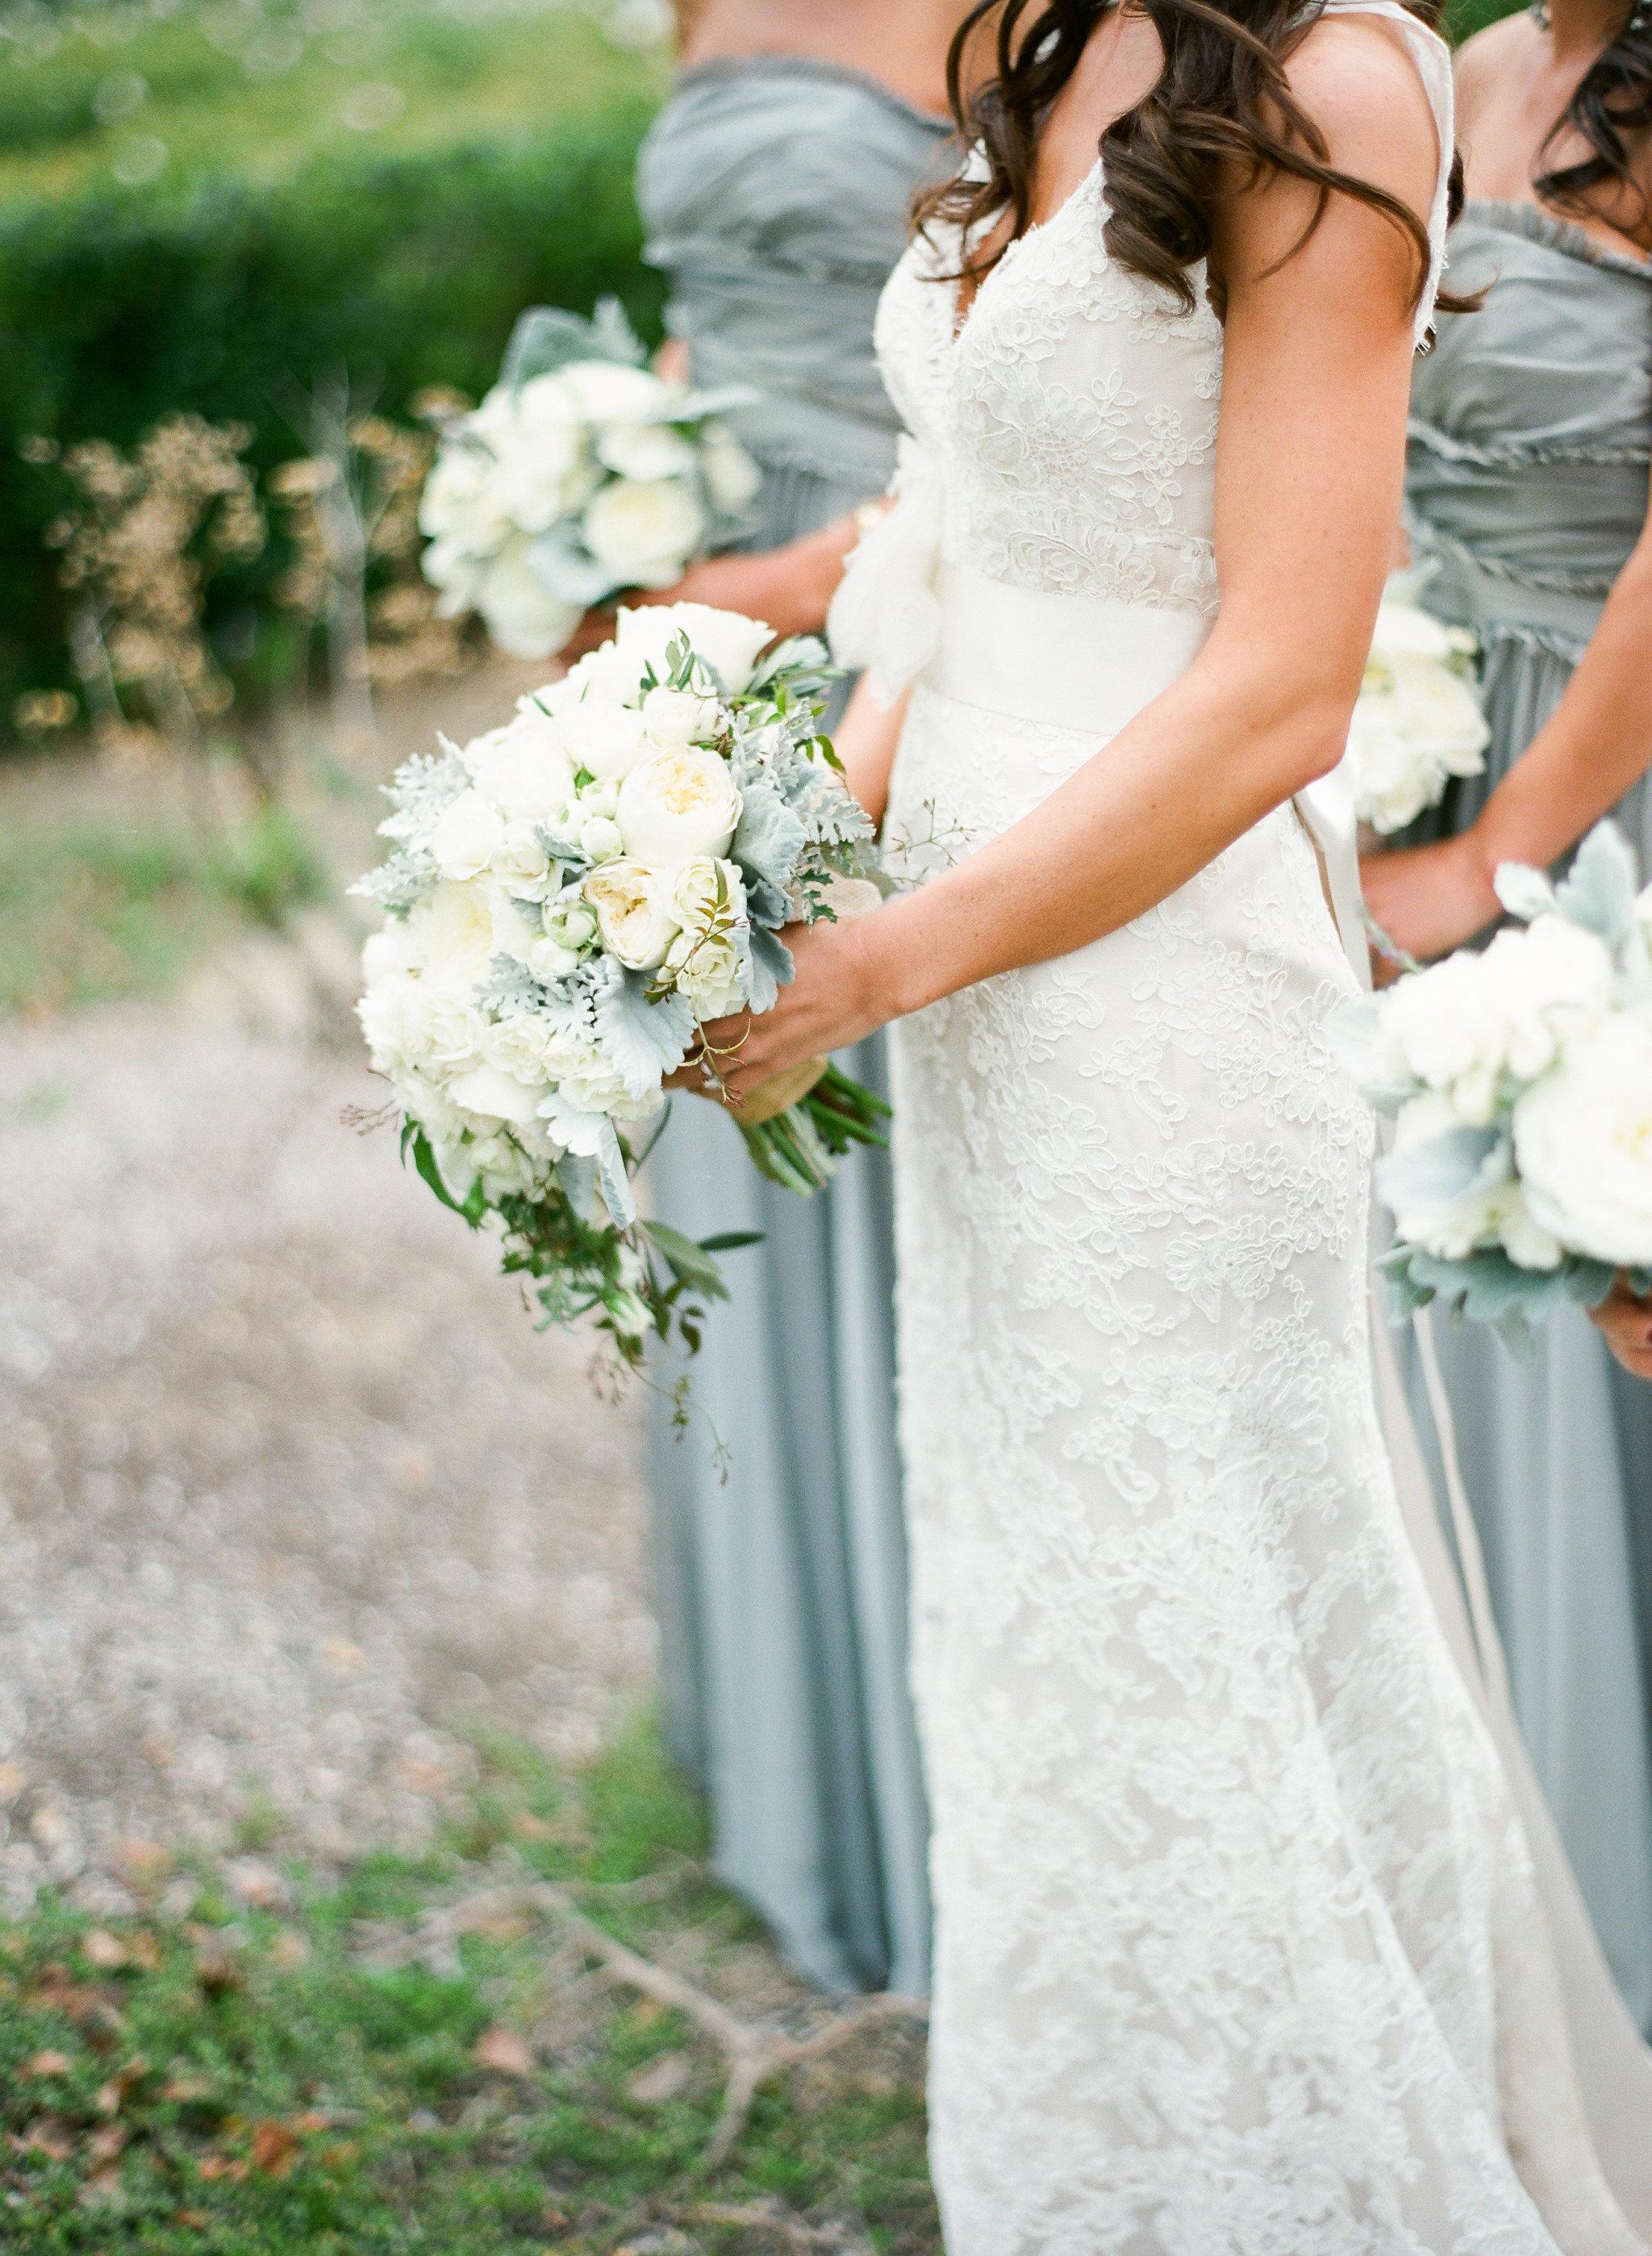 Carma's Wedding for Annette-0029.jpg